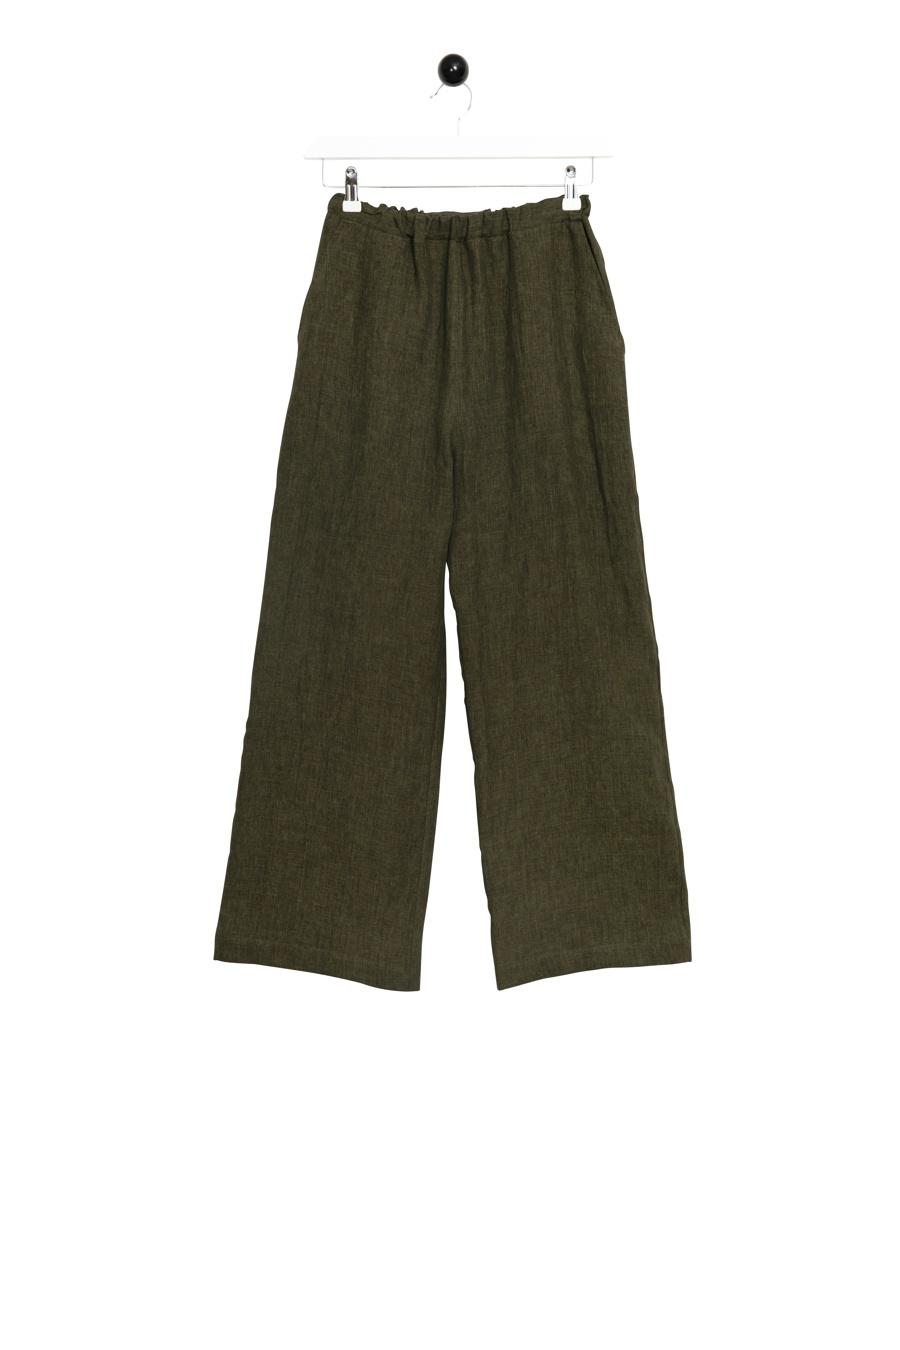 Return Menta Trousers